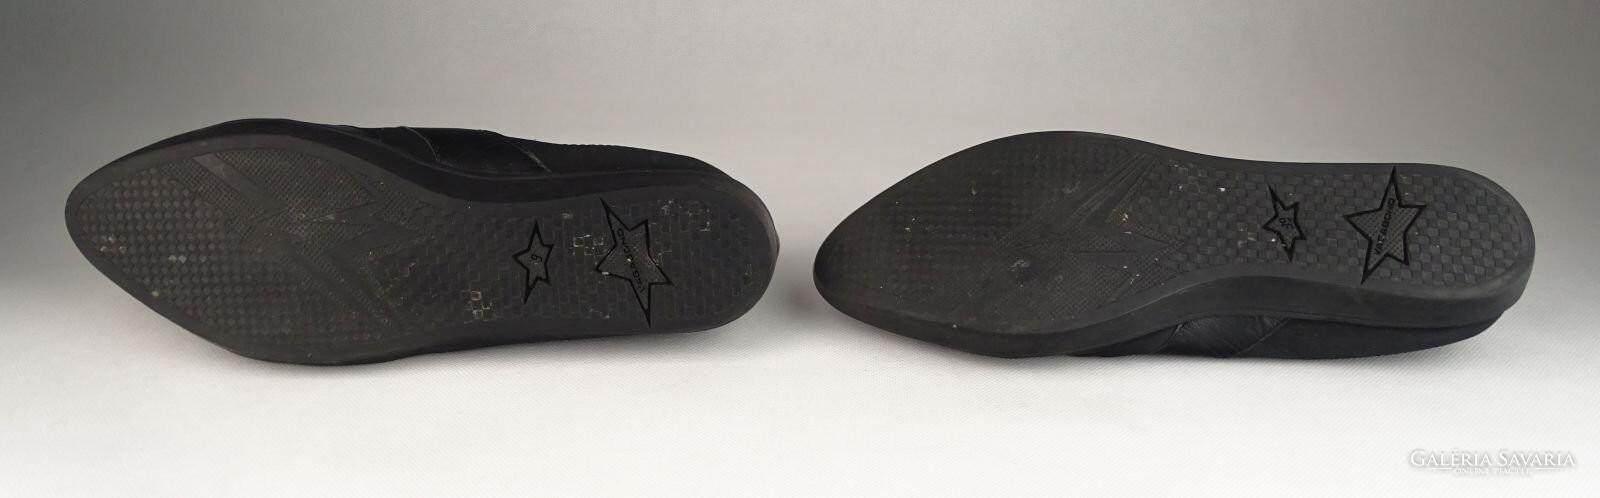 0V543 Fekete Vagabond balerina cipő 39-es - Wardrobe  4f24f11014